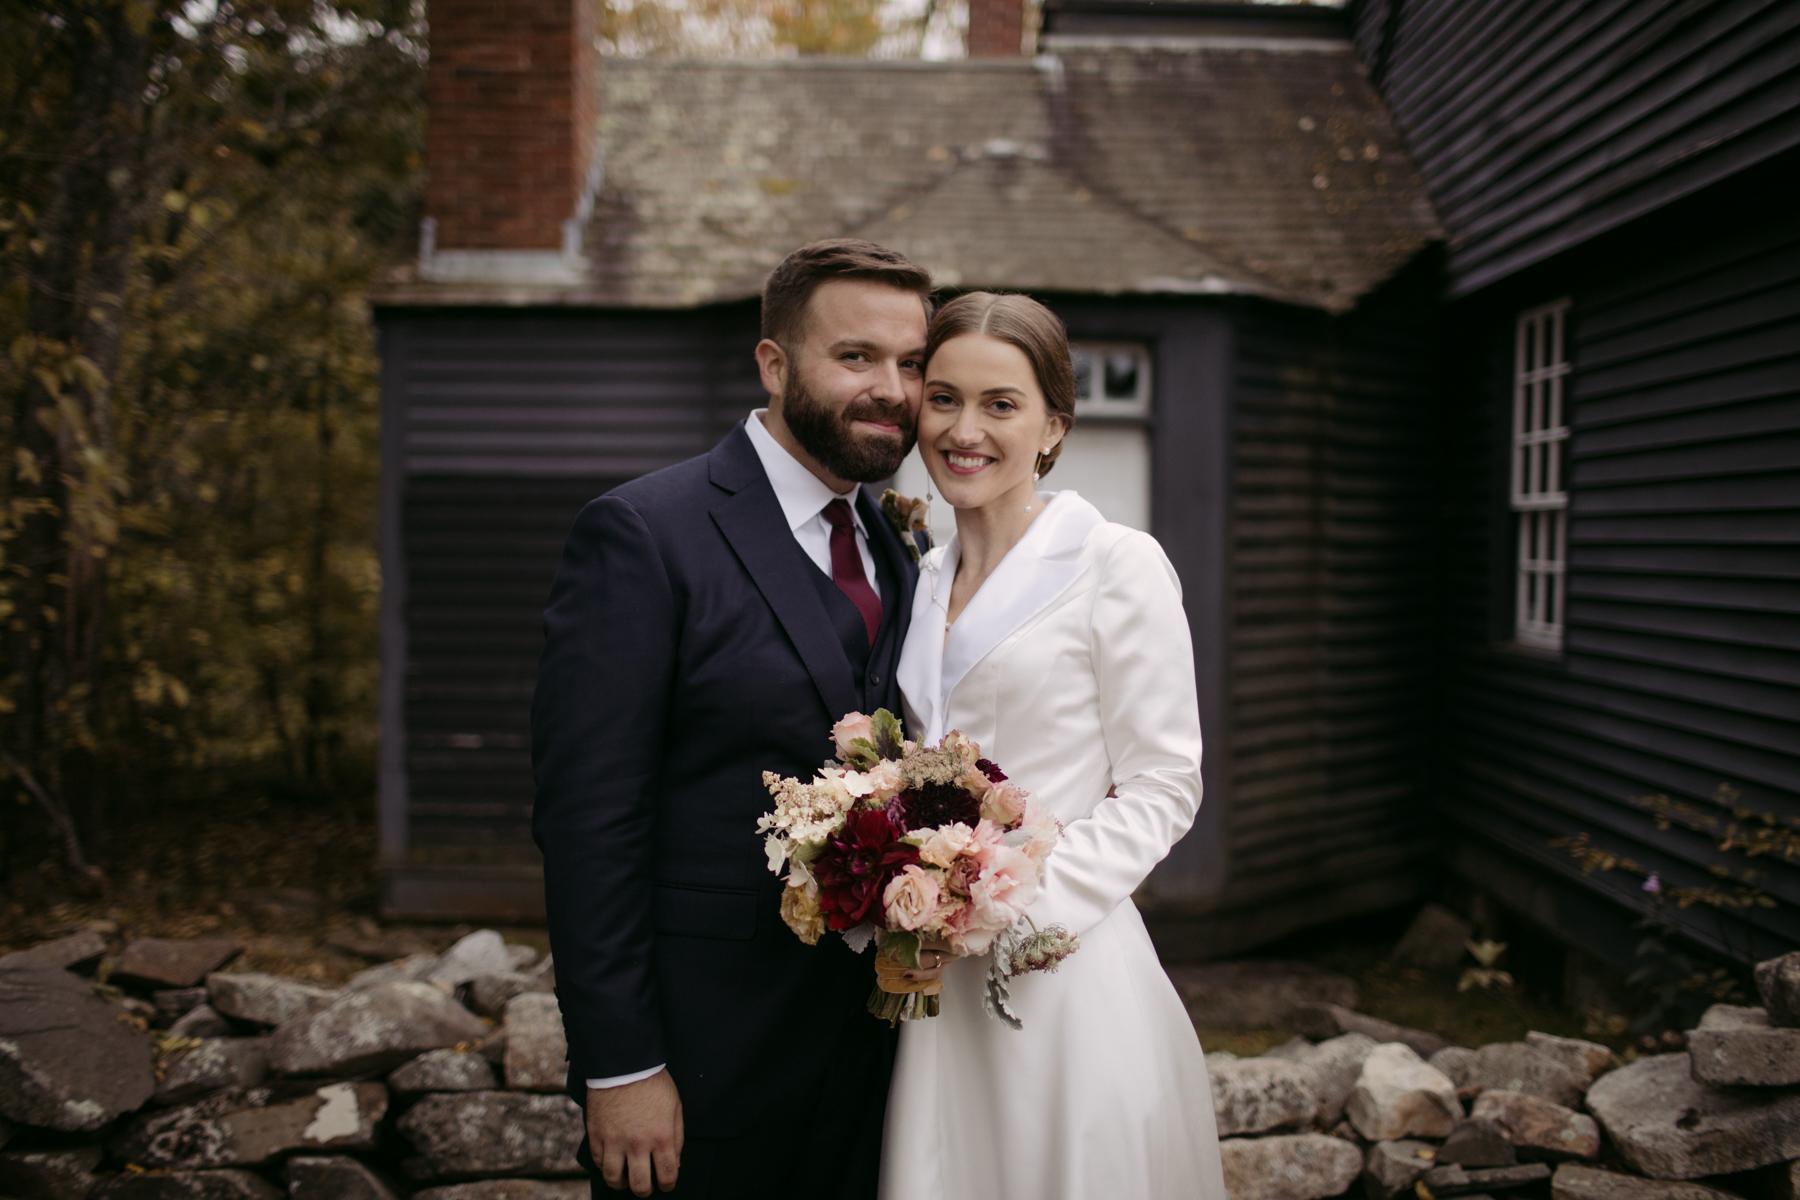 Hamilton_House_wedding_maine_Leah_Fisher_Photography-29.jpg